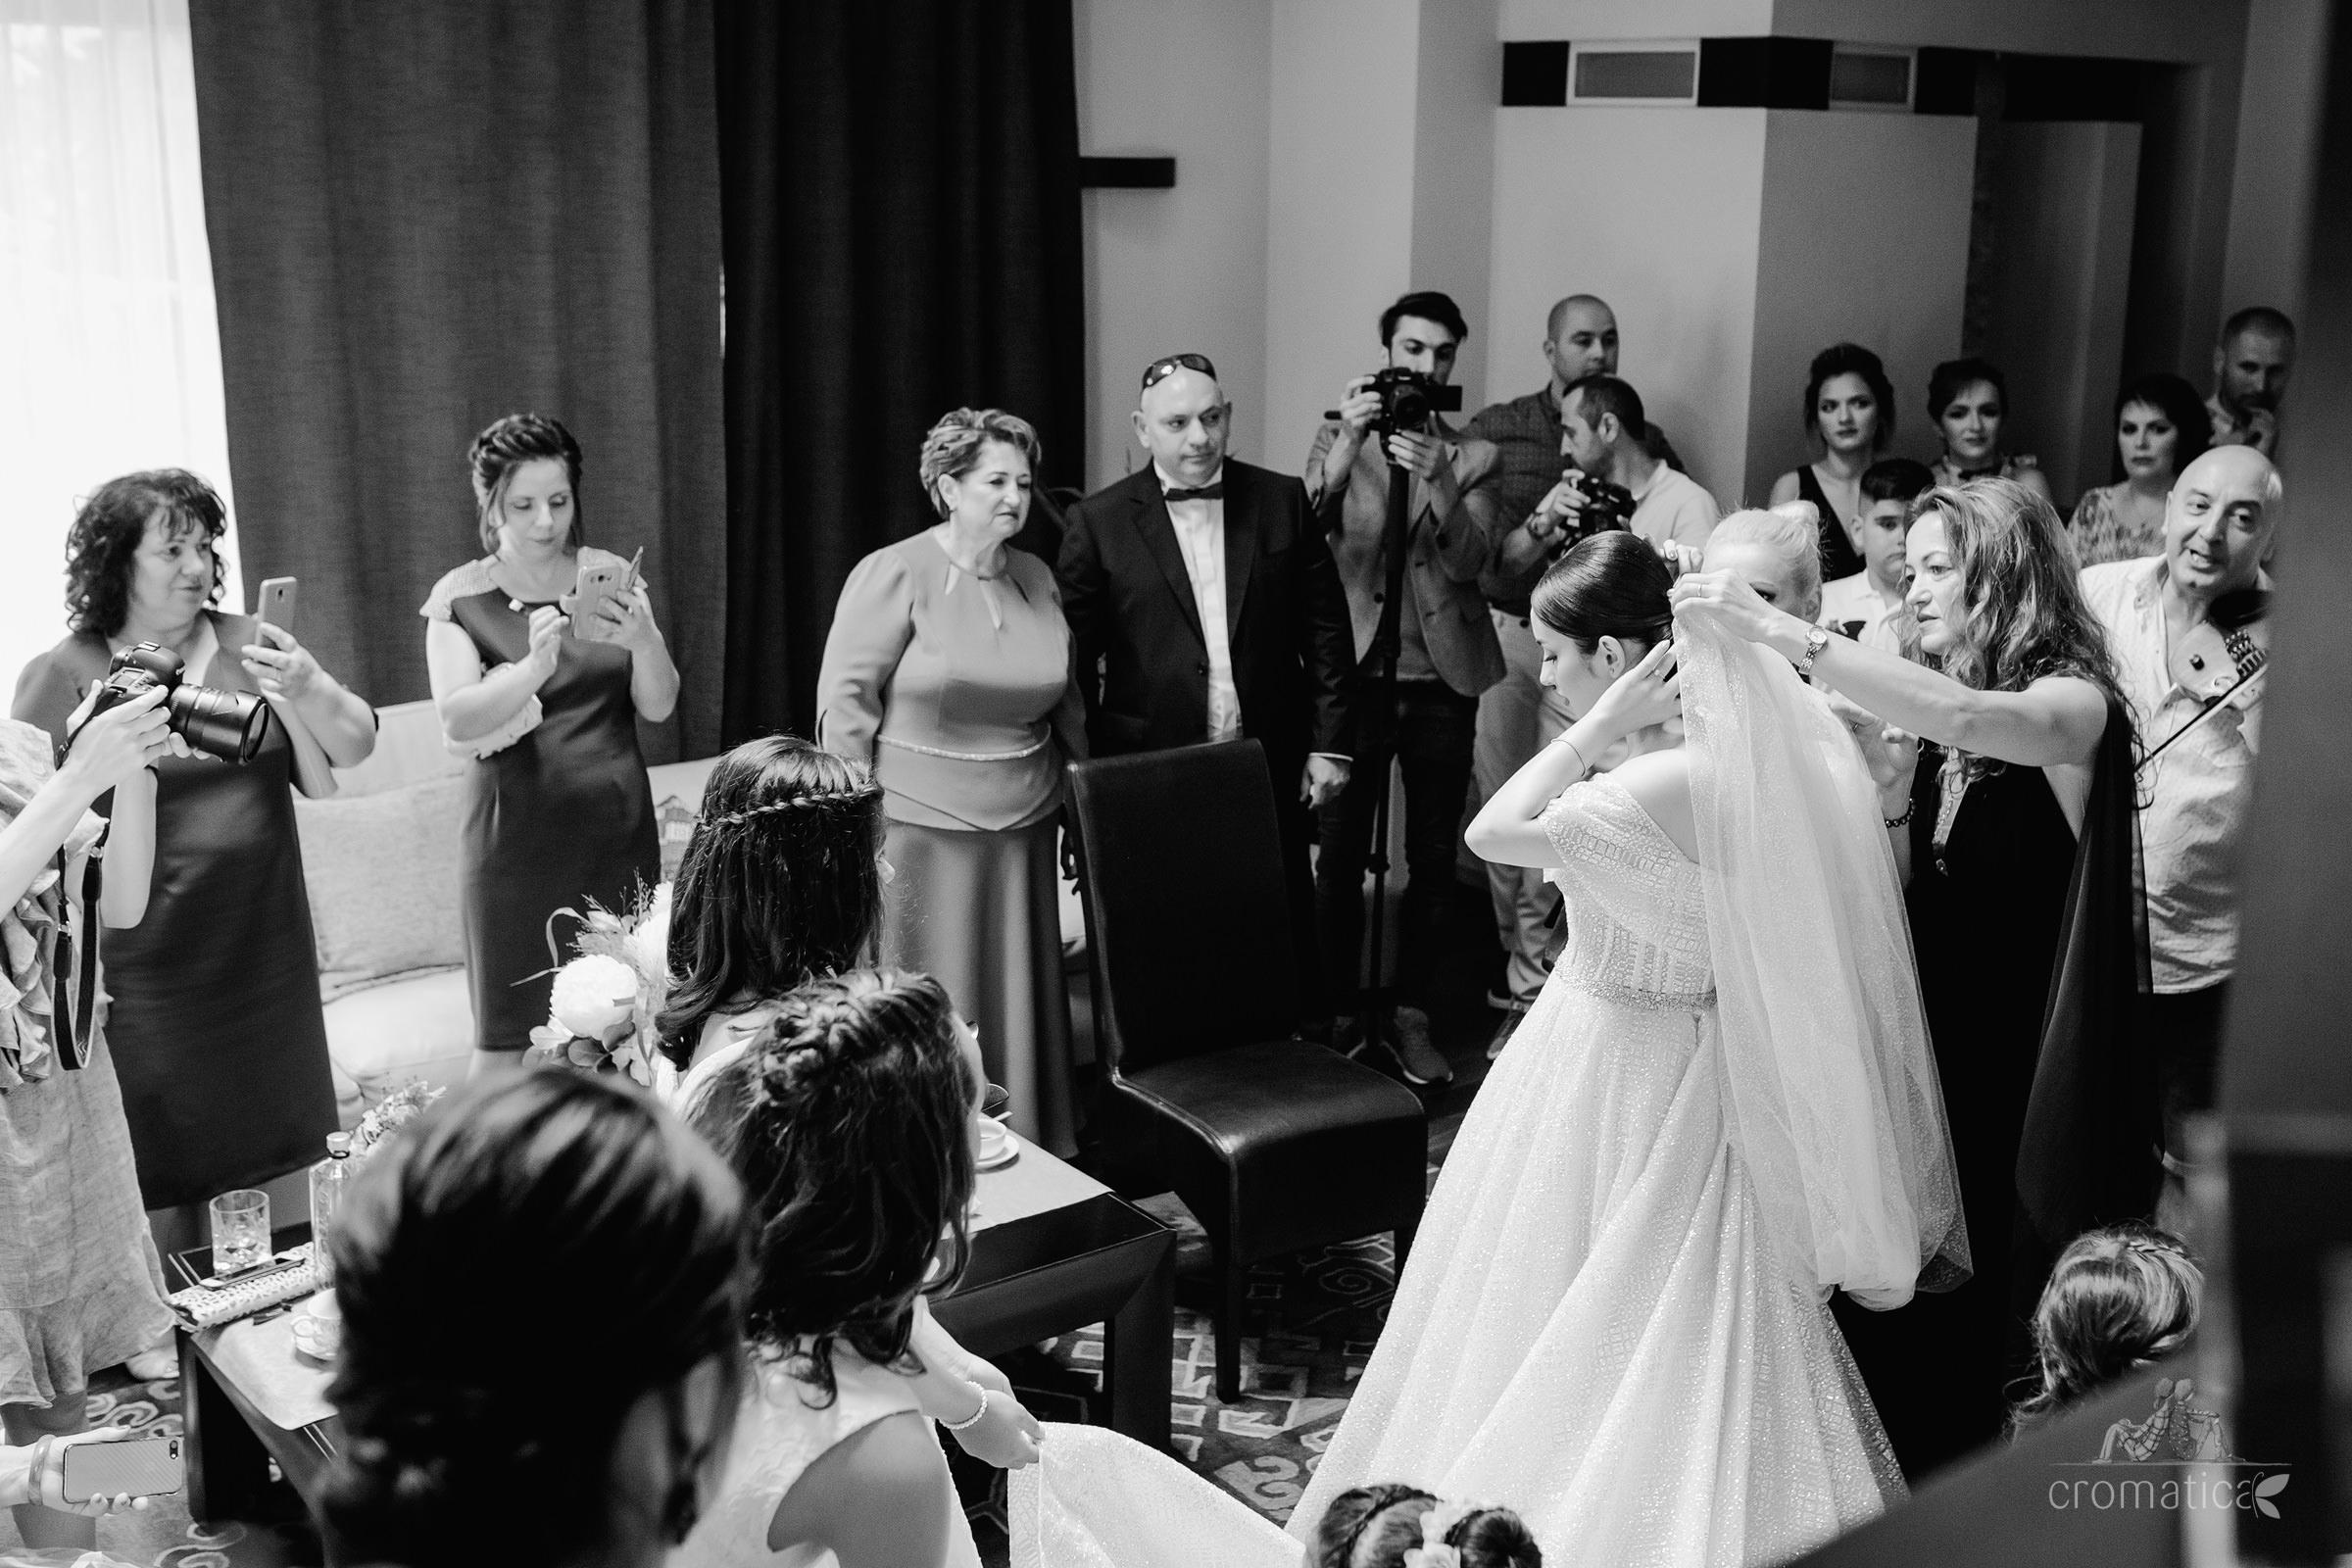 oana alex fotografii nunta rm valcea 016